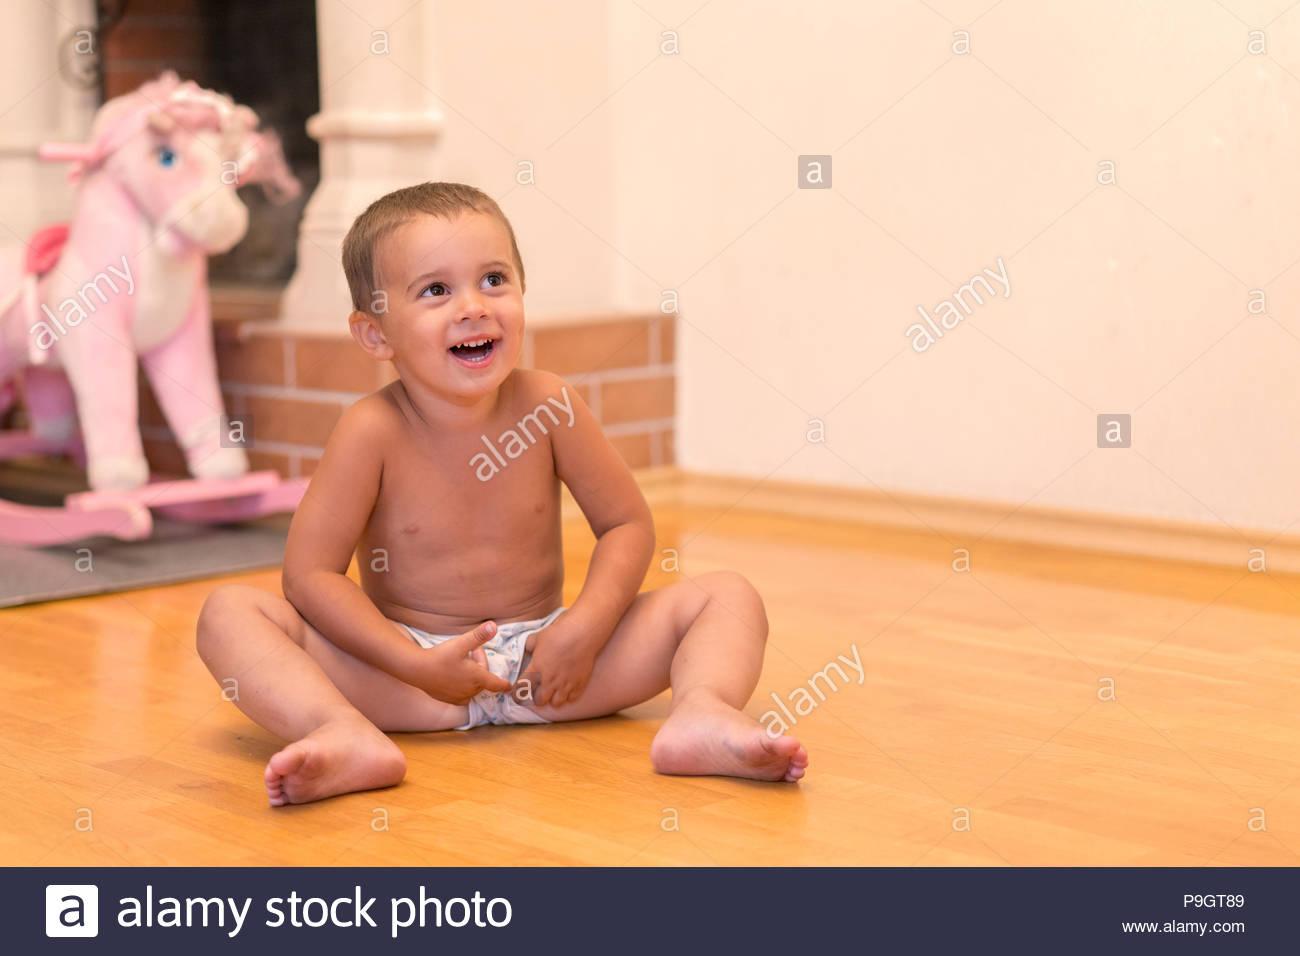 Bébé Garçon Rire Dans La Salle De Jeux. Mignon Bébé Garçon destiné Jeux De Bébé Garçon